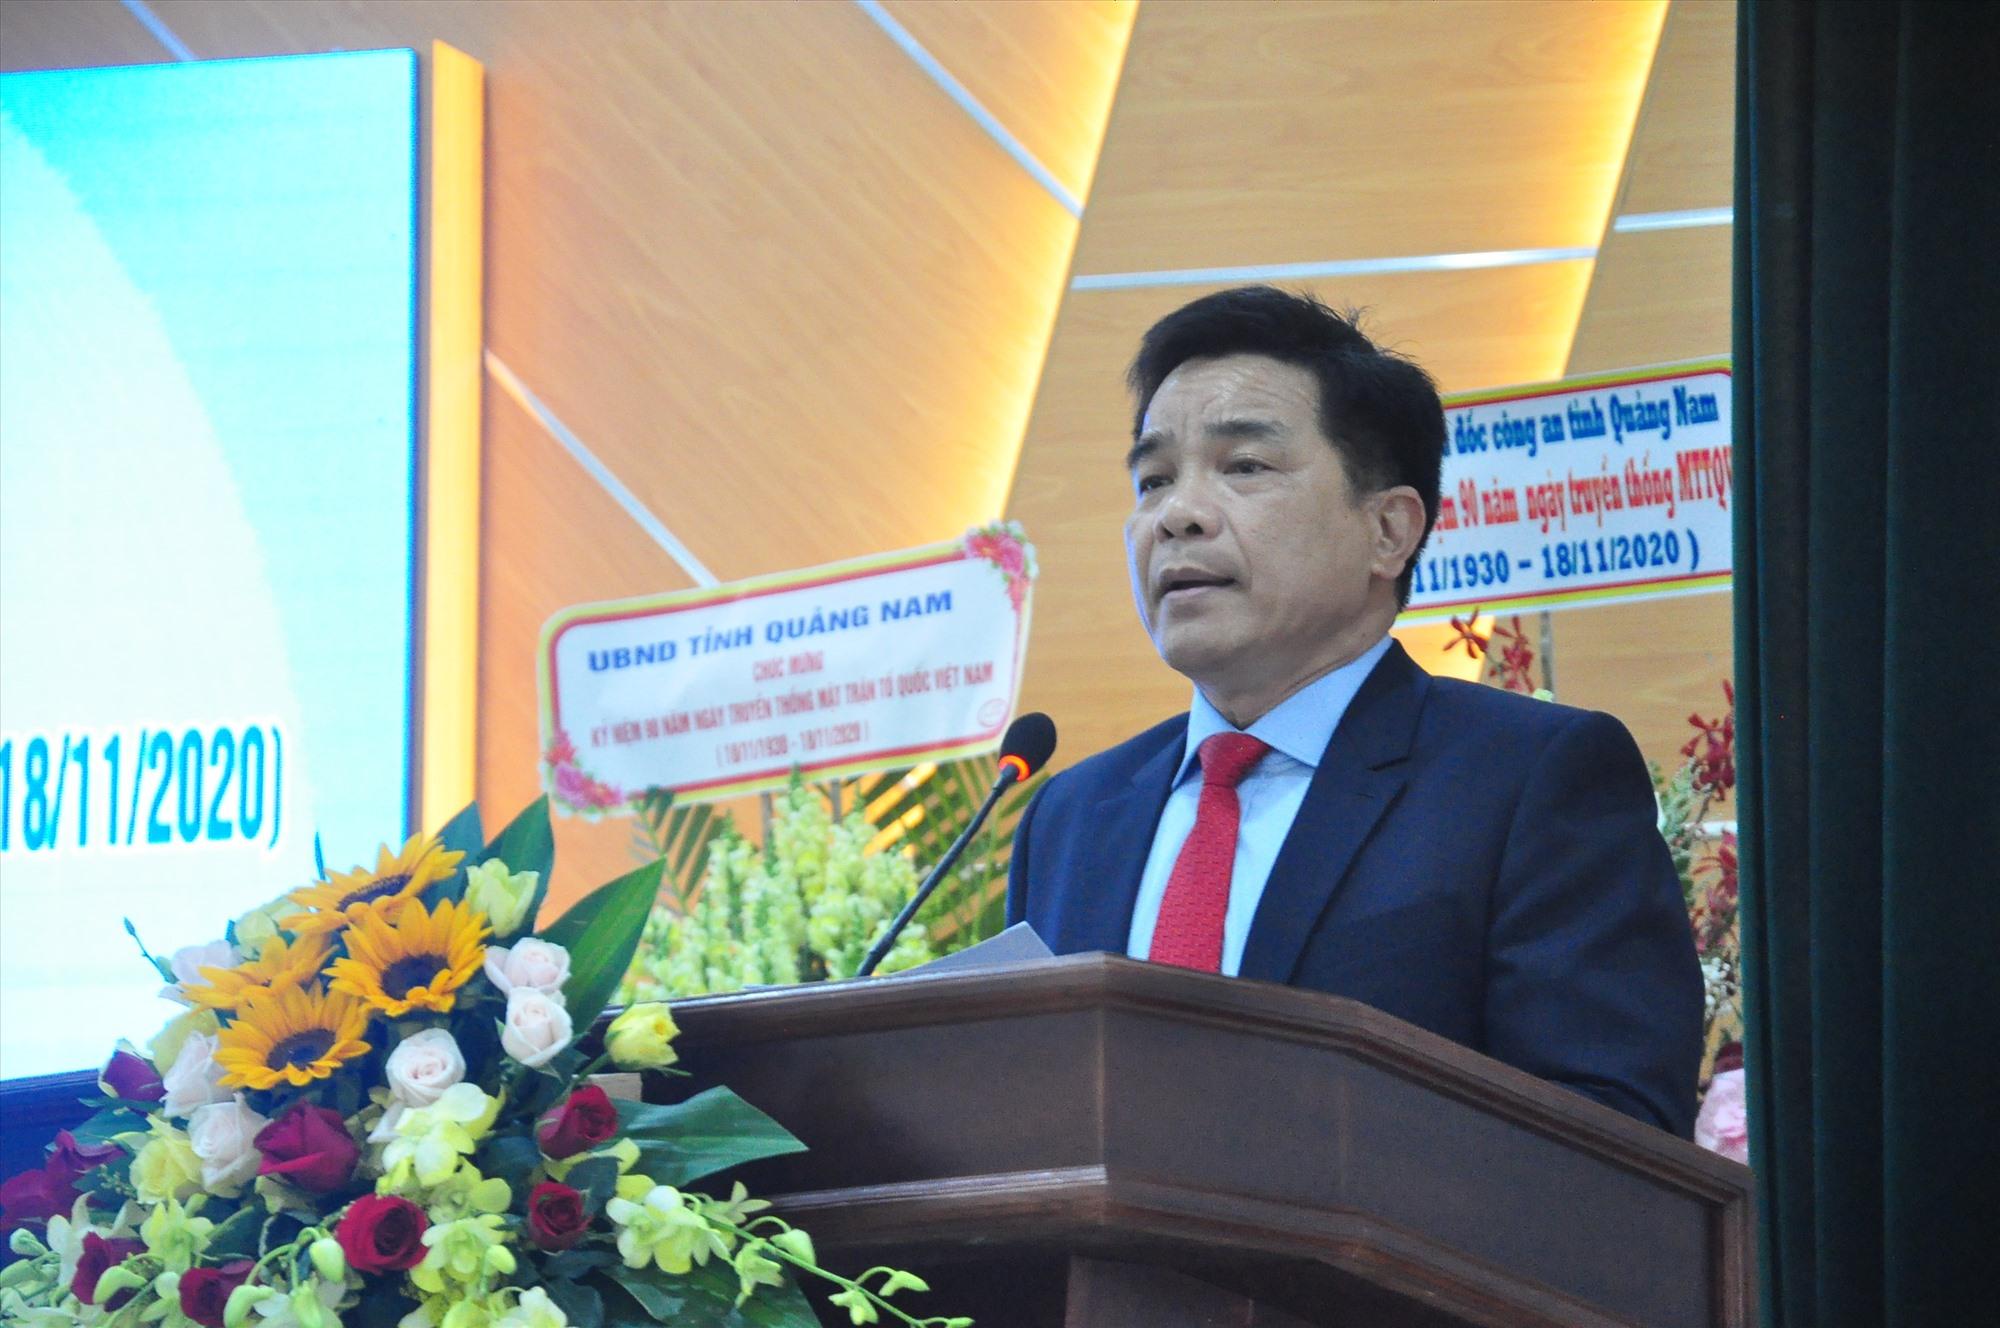 Phó Bí thư Thường trực Tỉnh ủy Lê Văn Dũng phát biểu tại buổi gặp mặt 90 năm truyền thống MTTQ Việt Nam. Ảnh: VINH ANH